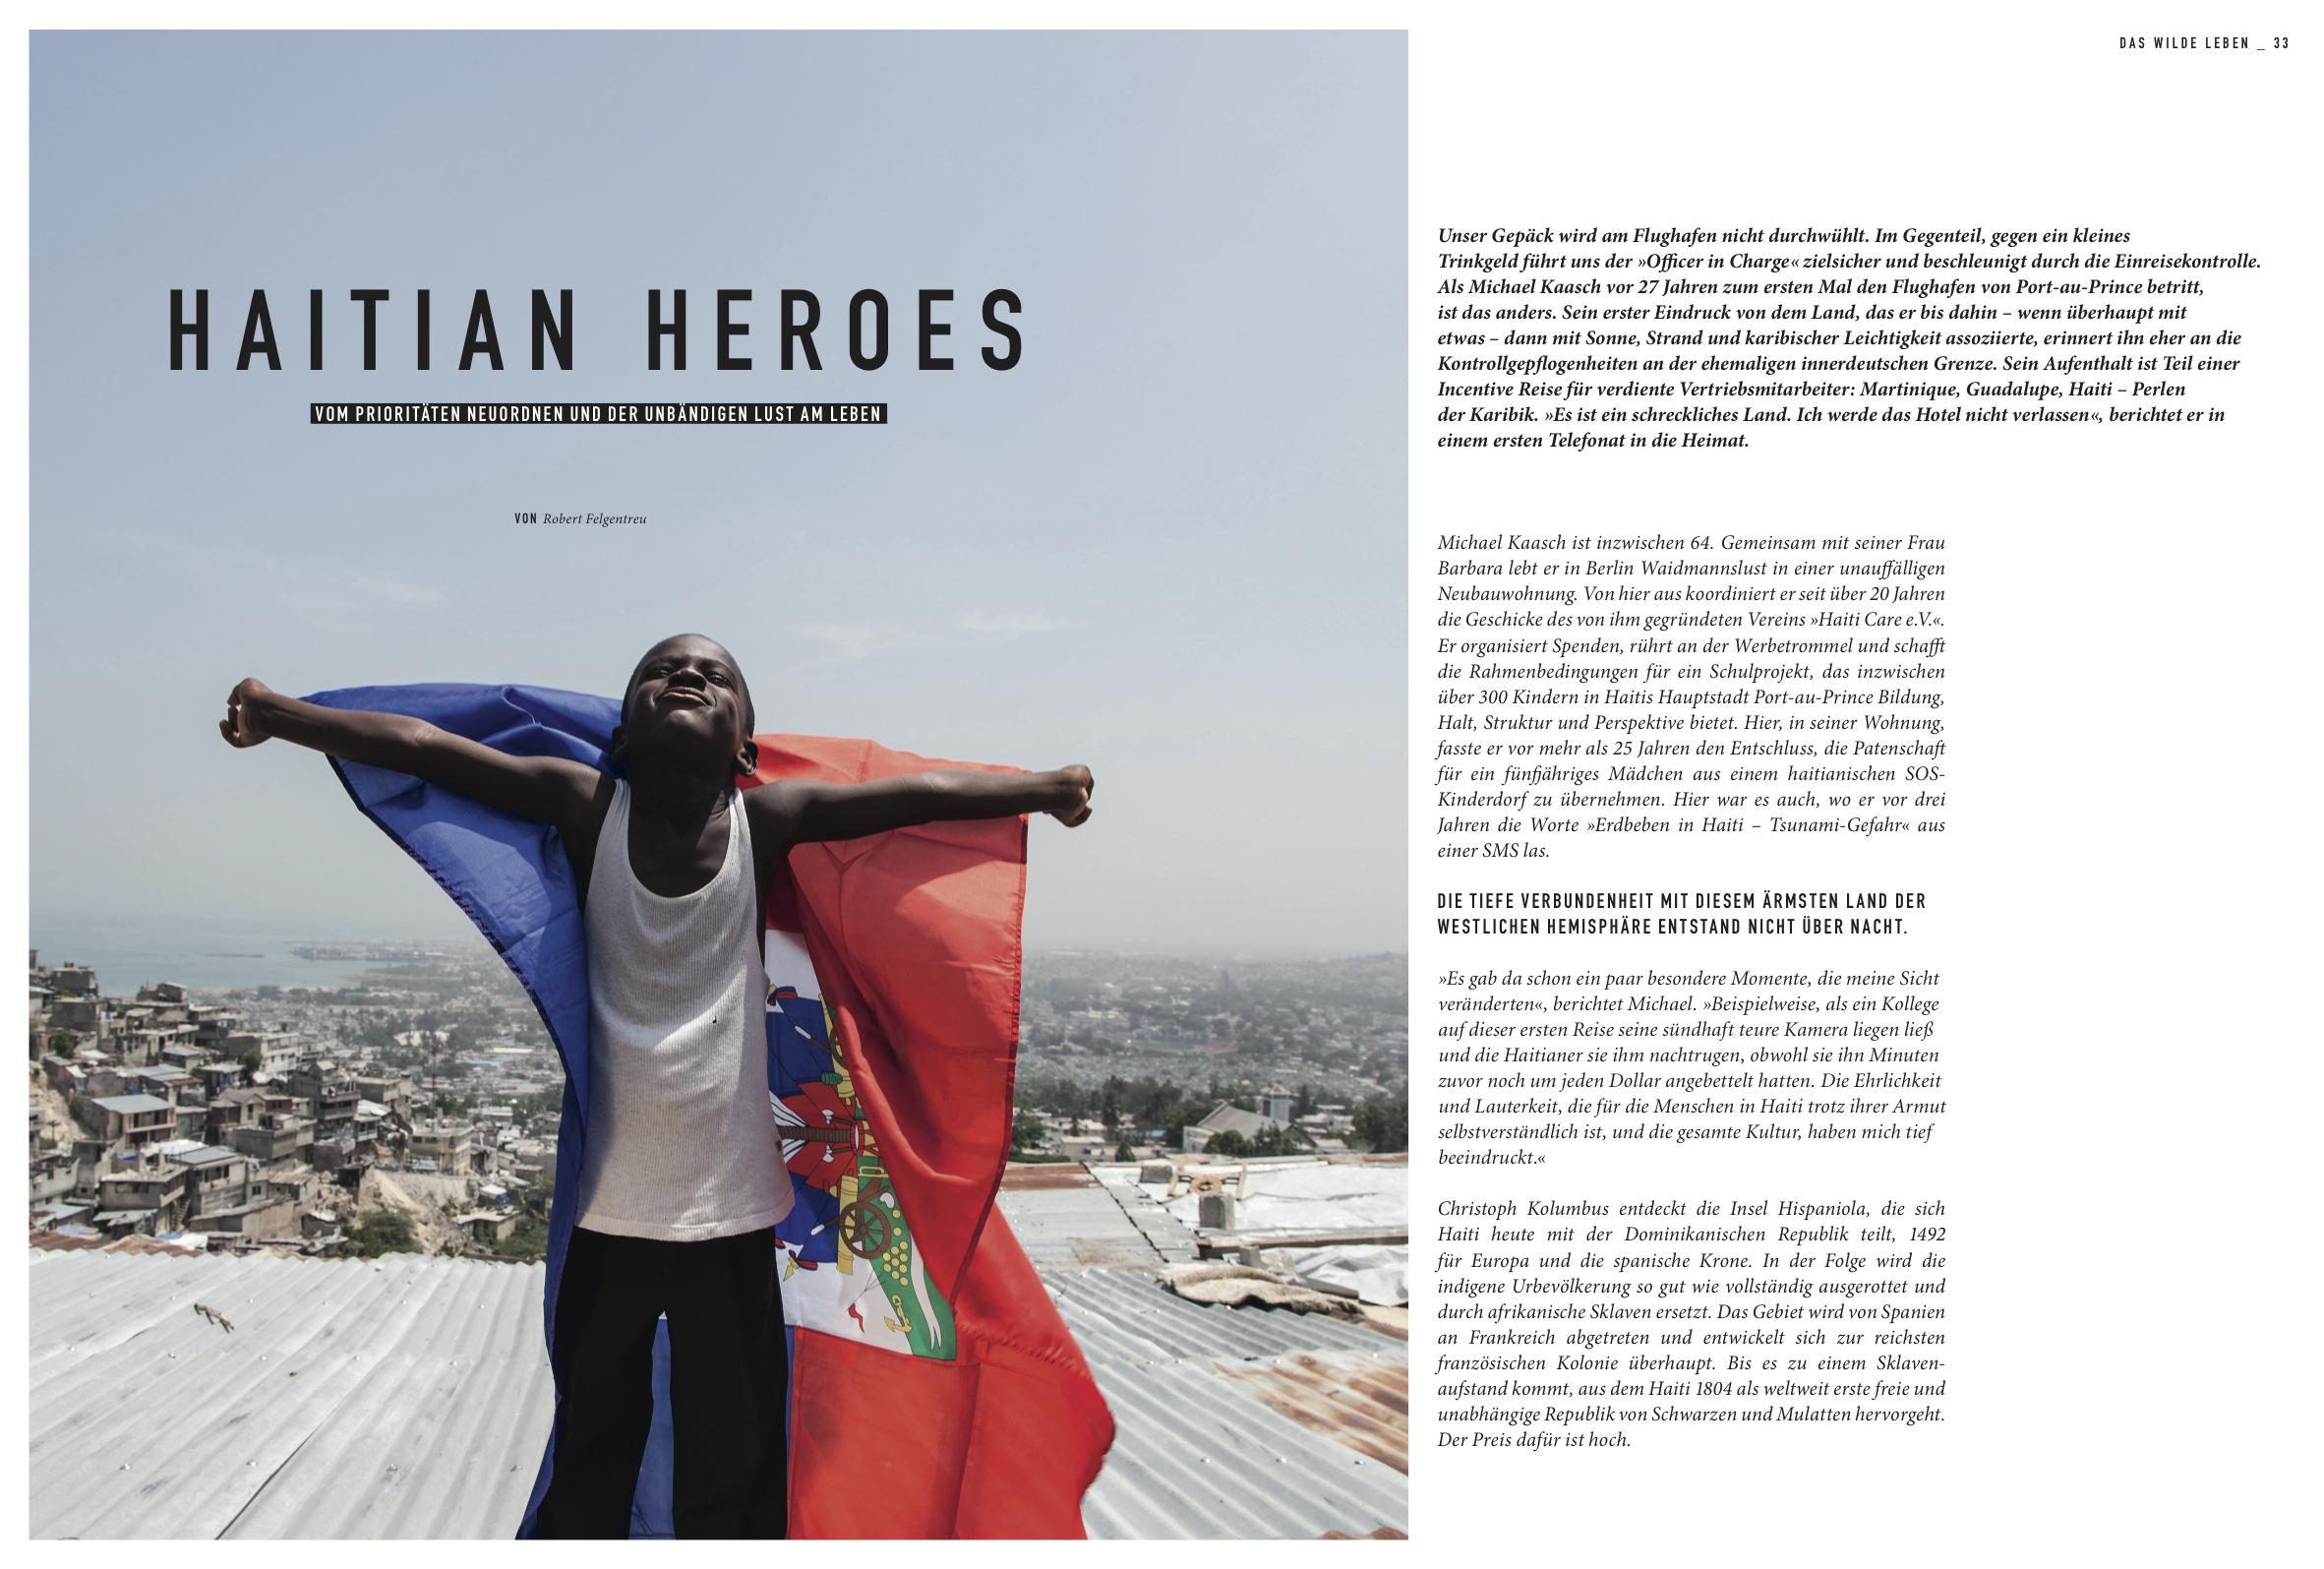 Paeng04_Haiti